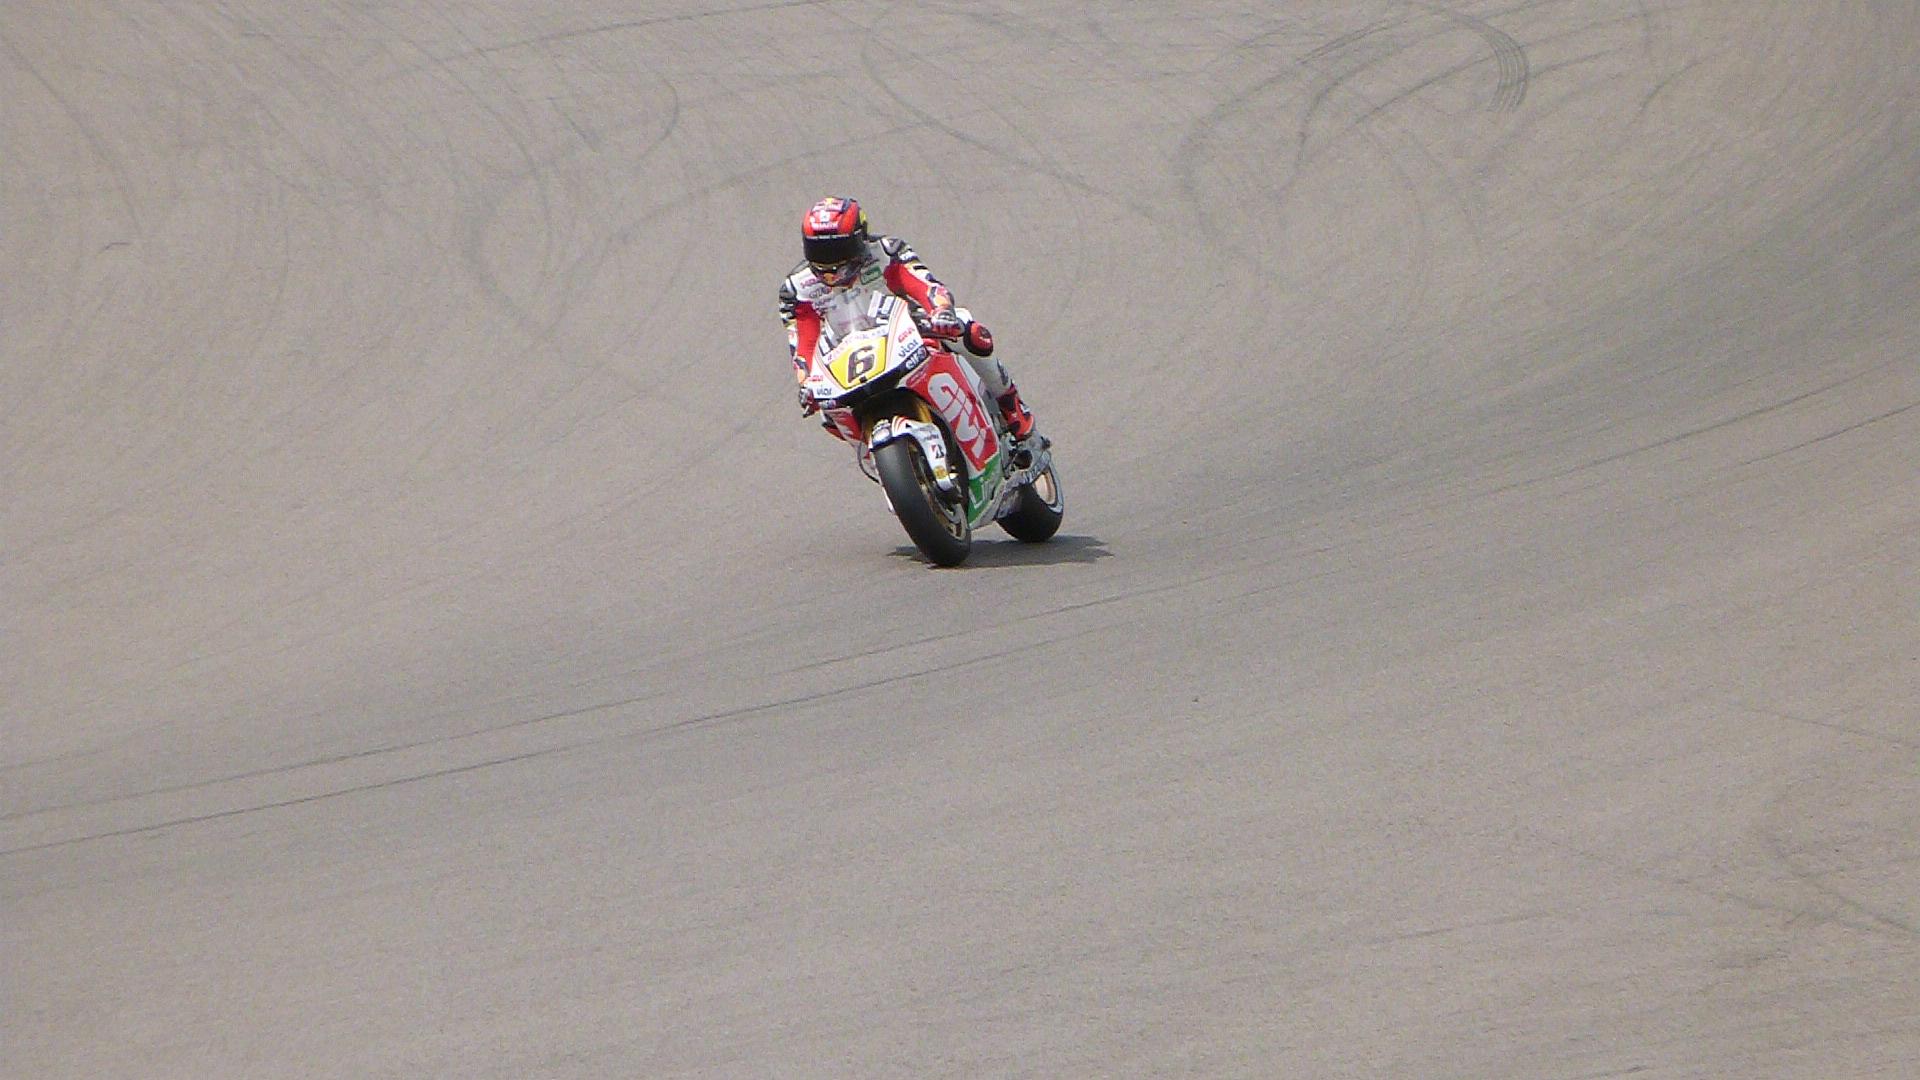 Stefan Bradl Moto GP Assen 2012